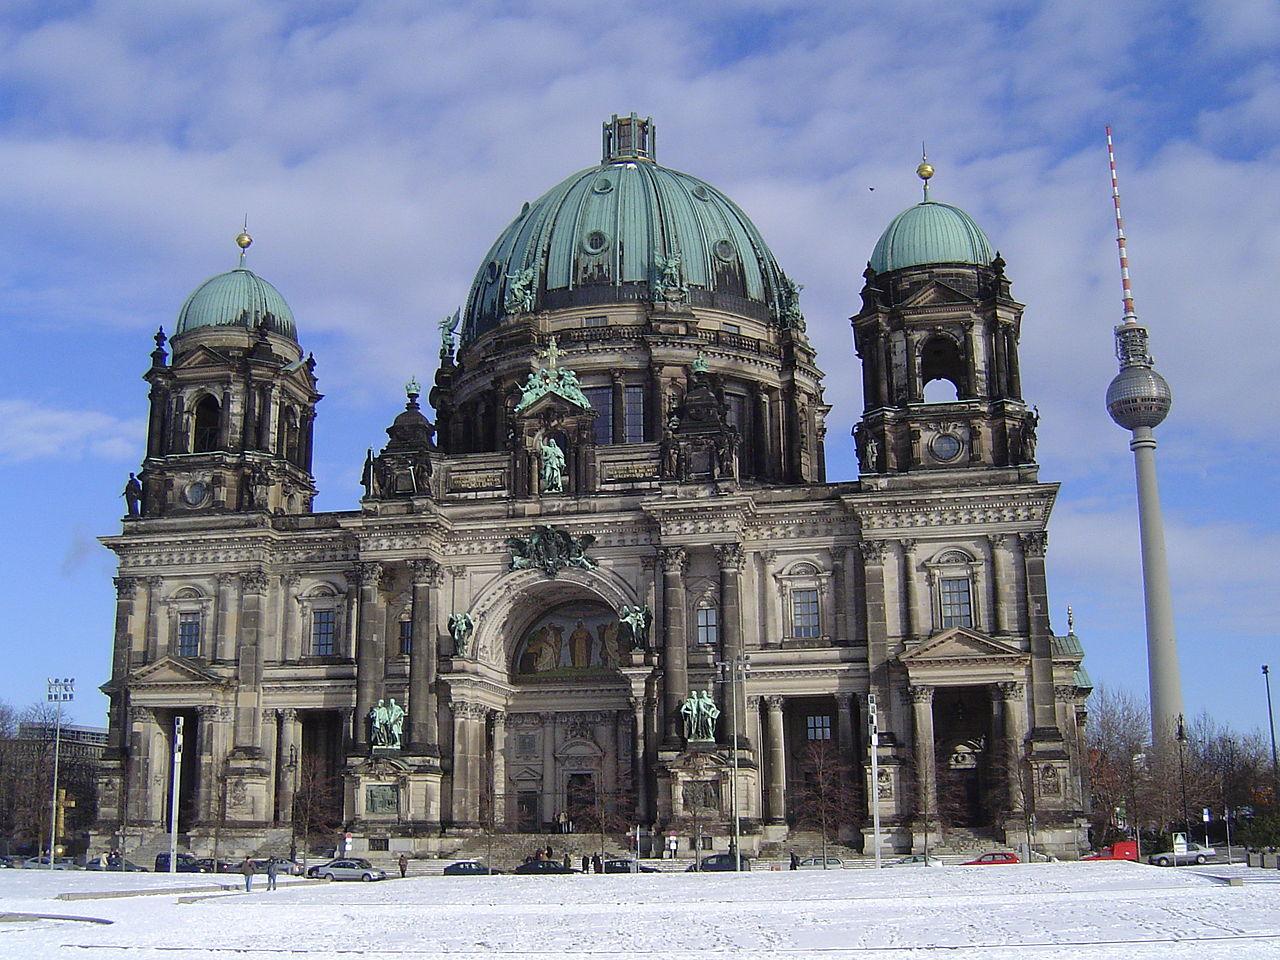 วิหารเบอร์ลิน-งดงาม